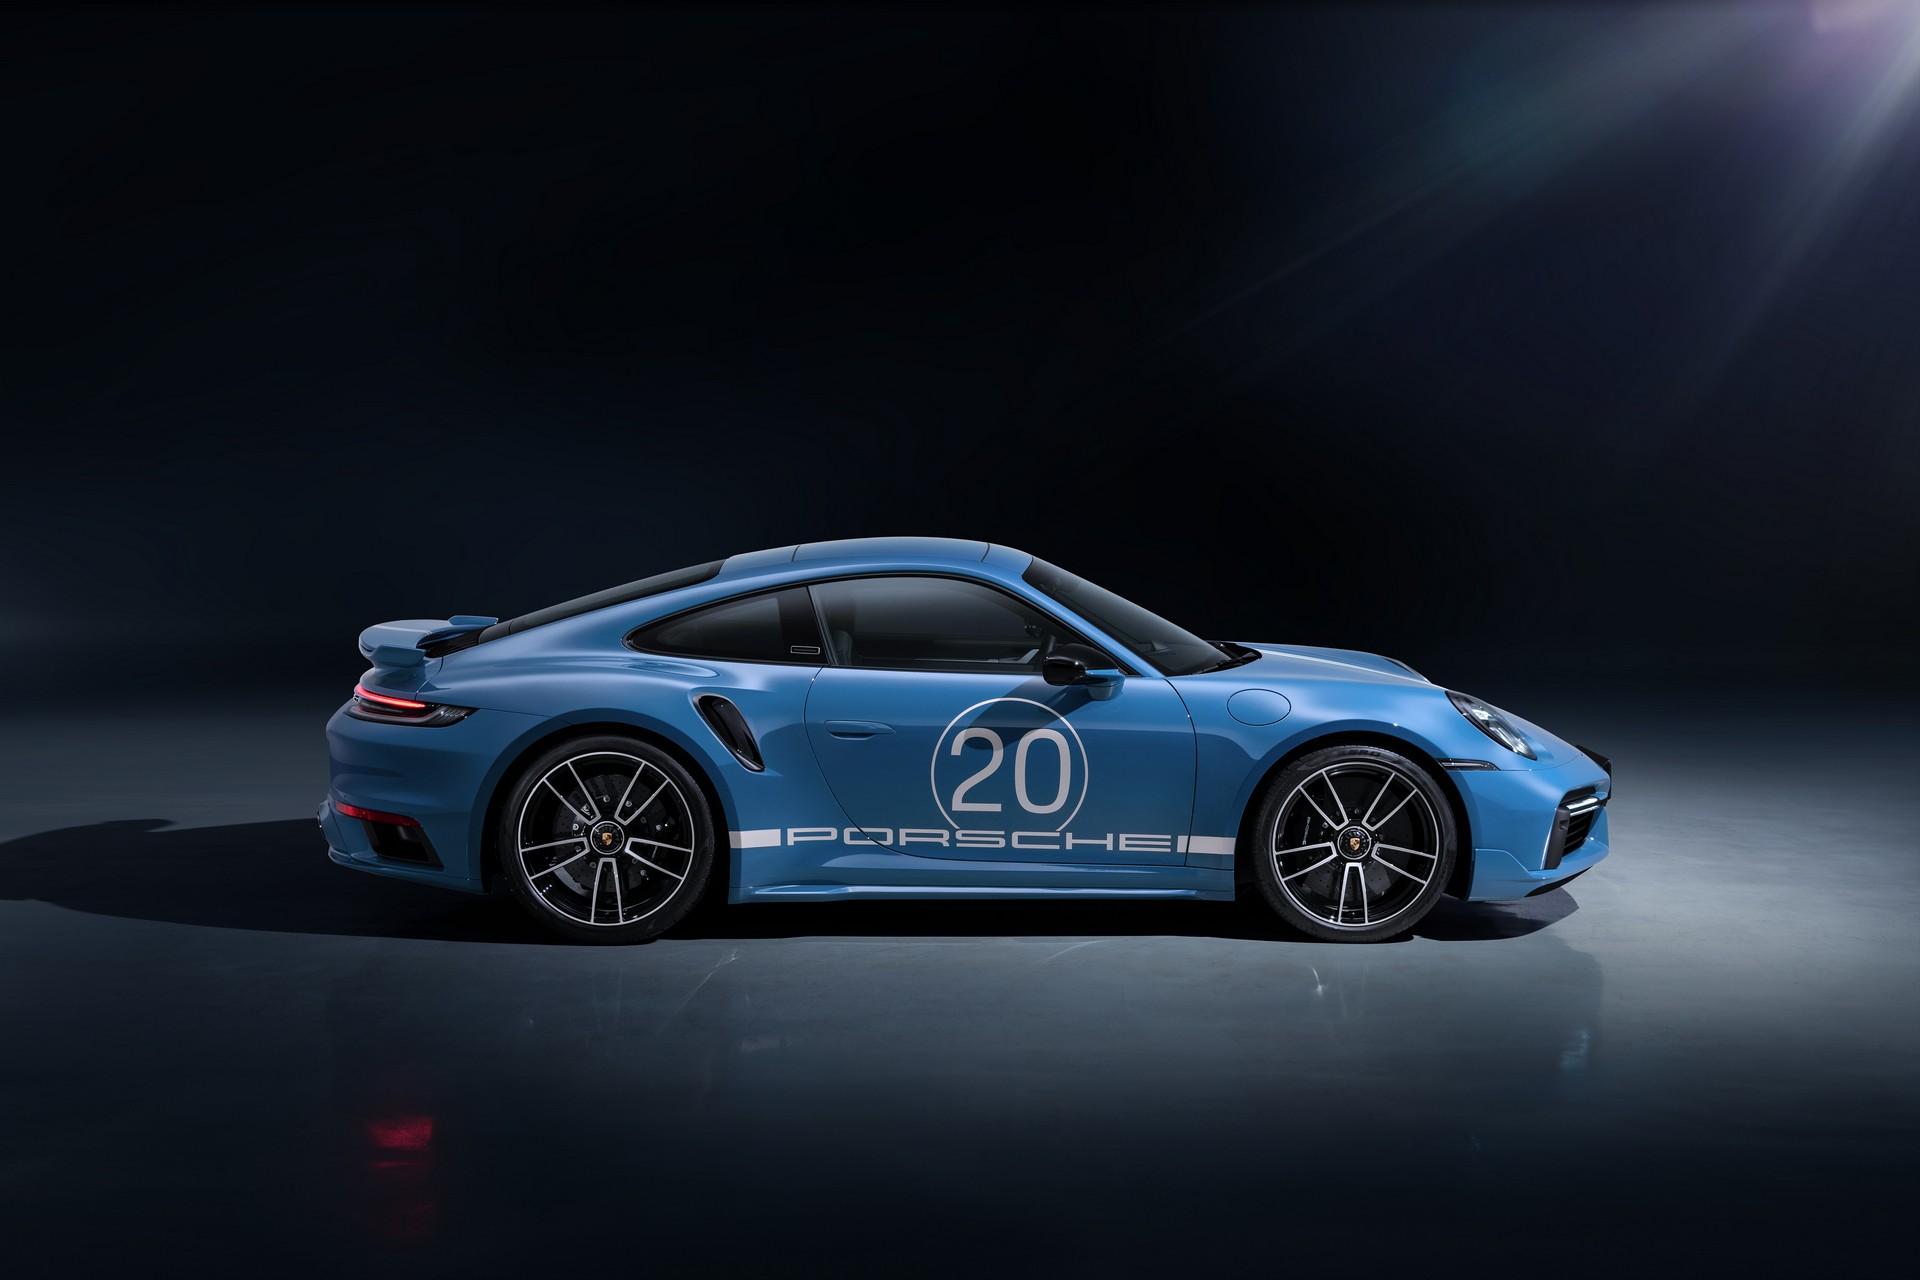 Porsche-911-Turbo-S-20th-Anniversary-Edition-11